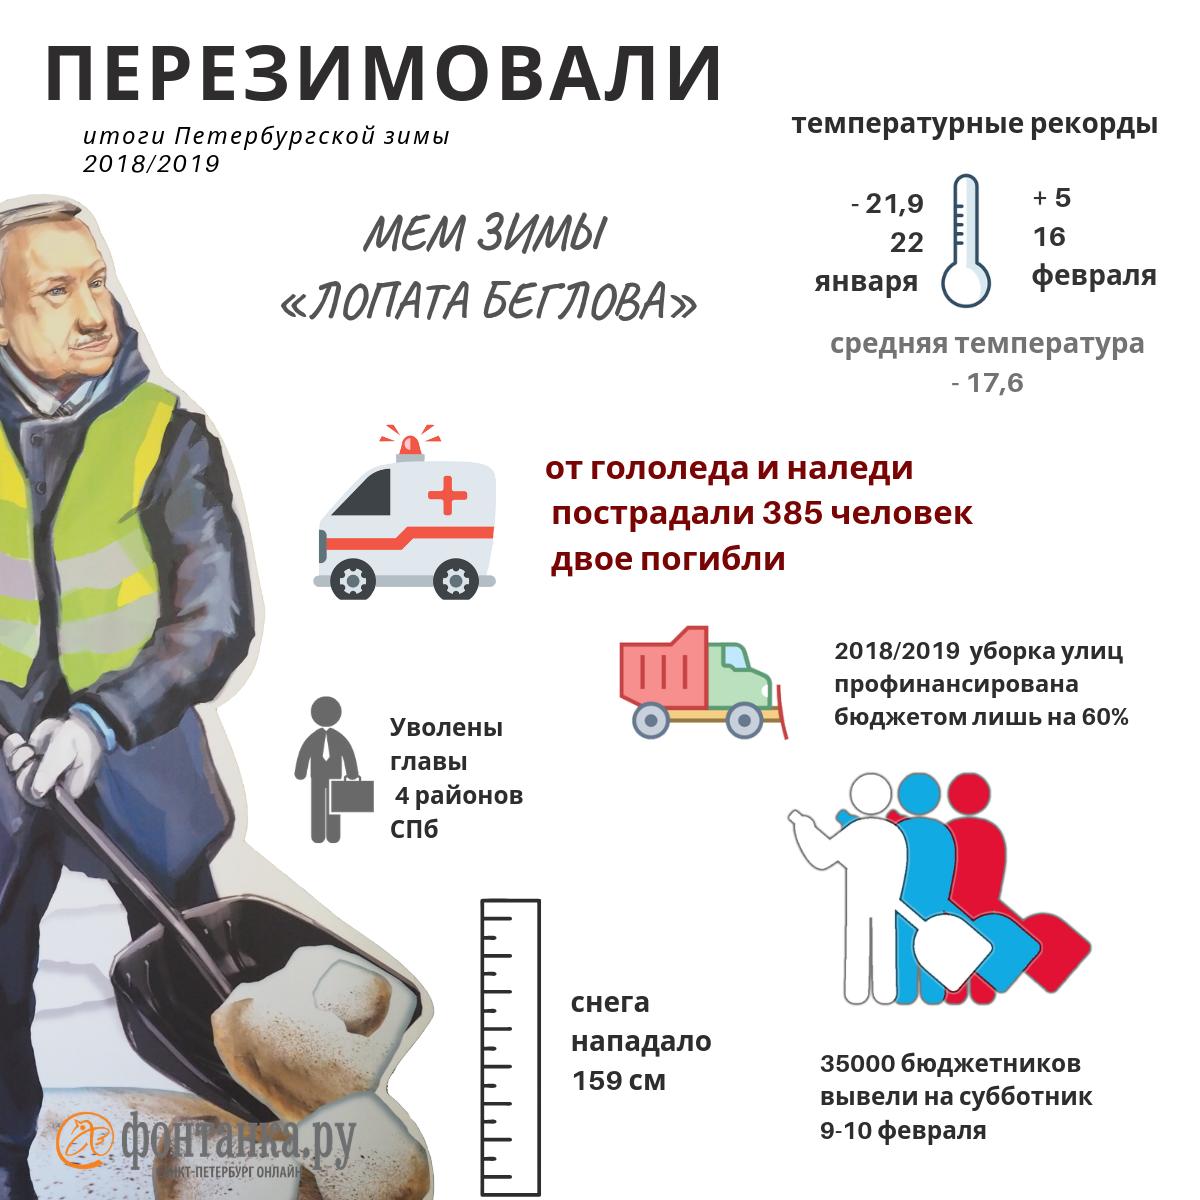 «Стихийное бедствие» и  «лопата Беглова»: как Петербург перезимовал (Иллюстрация 1 из 1) (Фото: